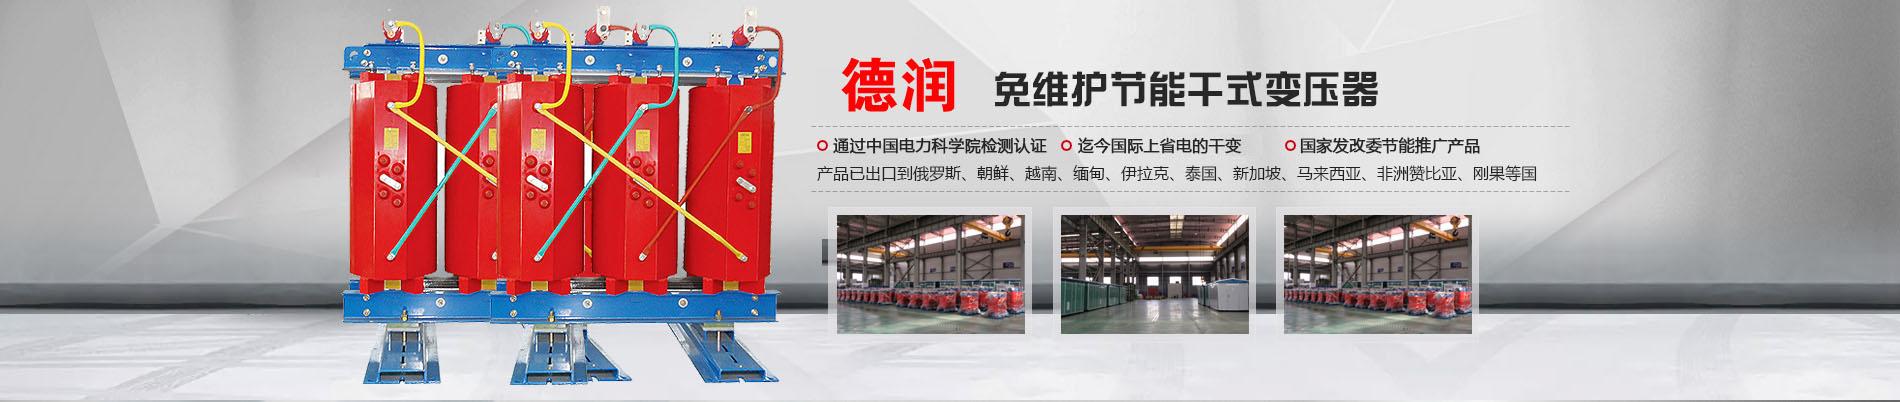 四川干式变压器厂家